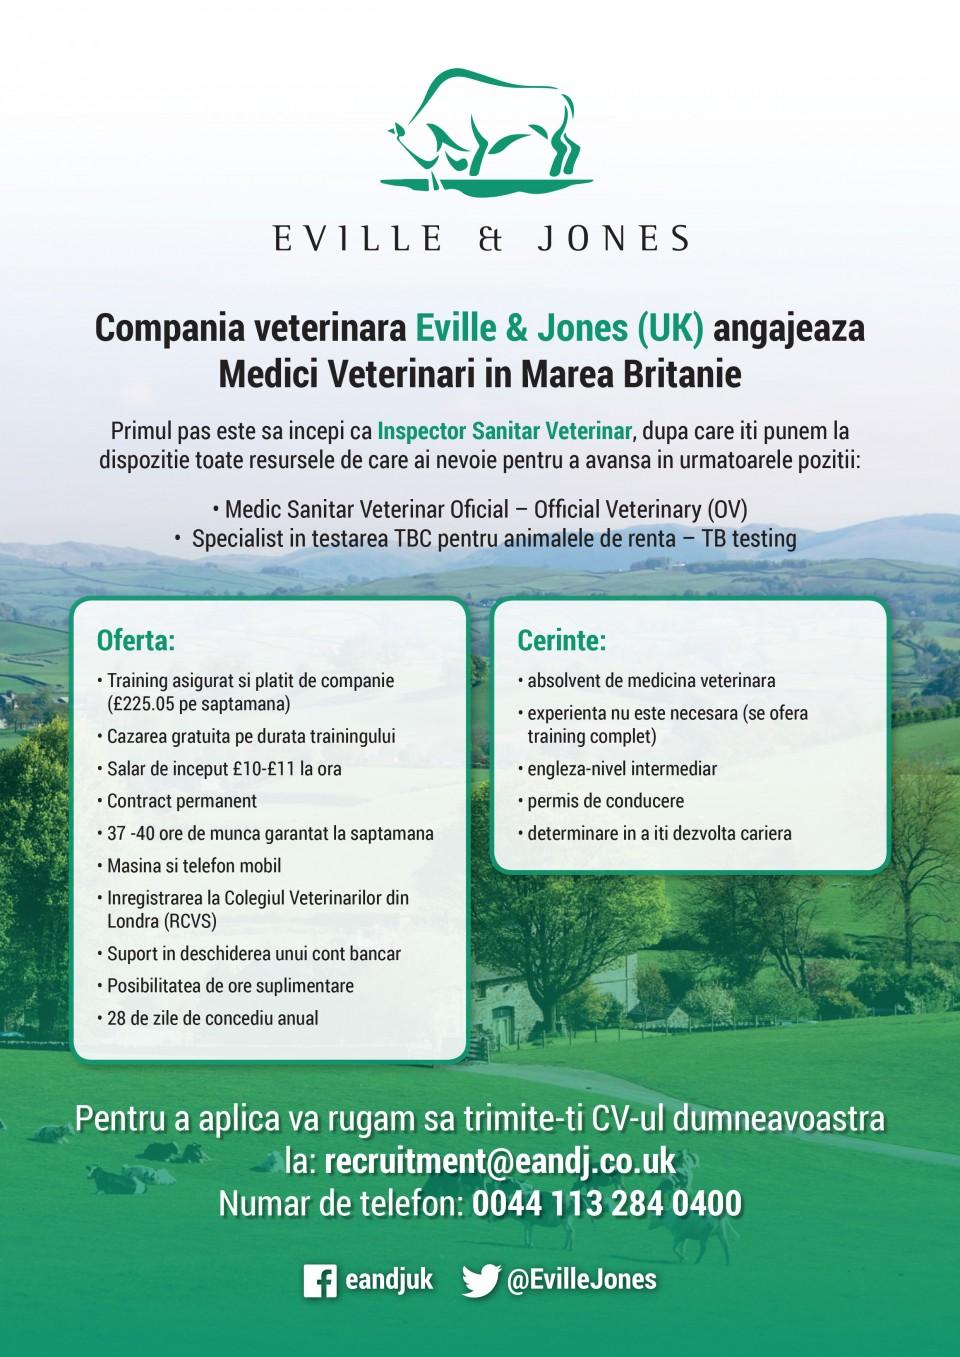 Eville&Jones este cea mai mare companie din Marea Britanie care ofera servicii de inspectie sanitara veterinara in abatoare ,acoperind 90% din aceasta Industrie inca din 1993.In ultimele 5 luni, Eville & Jones a angajat peste 100 de veterinari din Uniunea Europeana, din tari precum Spania, Portugalia, Italia, Romania, Grecia si Polonia, iar peste 90% dintre ei sunt tineri absolventi.FSA (Food Standard Agency) este organismul responsabil cu implementarea si respectarea legislatiei in vigoare referitoare la controlul si inspectia/expertiza produselor alimentare (carne) iar echipa FSA este formata din Inspectorii Sanitari Veterinari si Oficialii Veterinari, care sunt angajati ai Eville&Jones, pricipalul furnizor de servicii sanitar veterinare in Anglia, Tara Galilor si Irlanda de Nord.